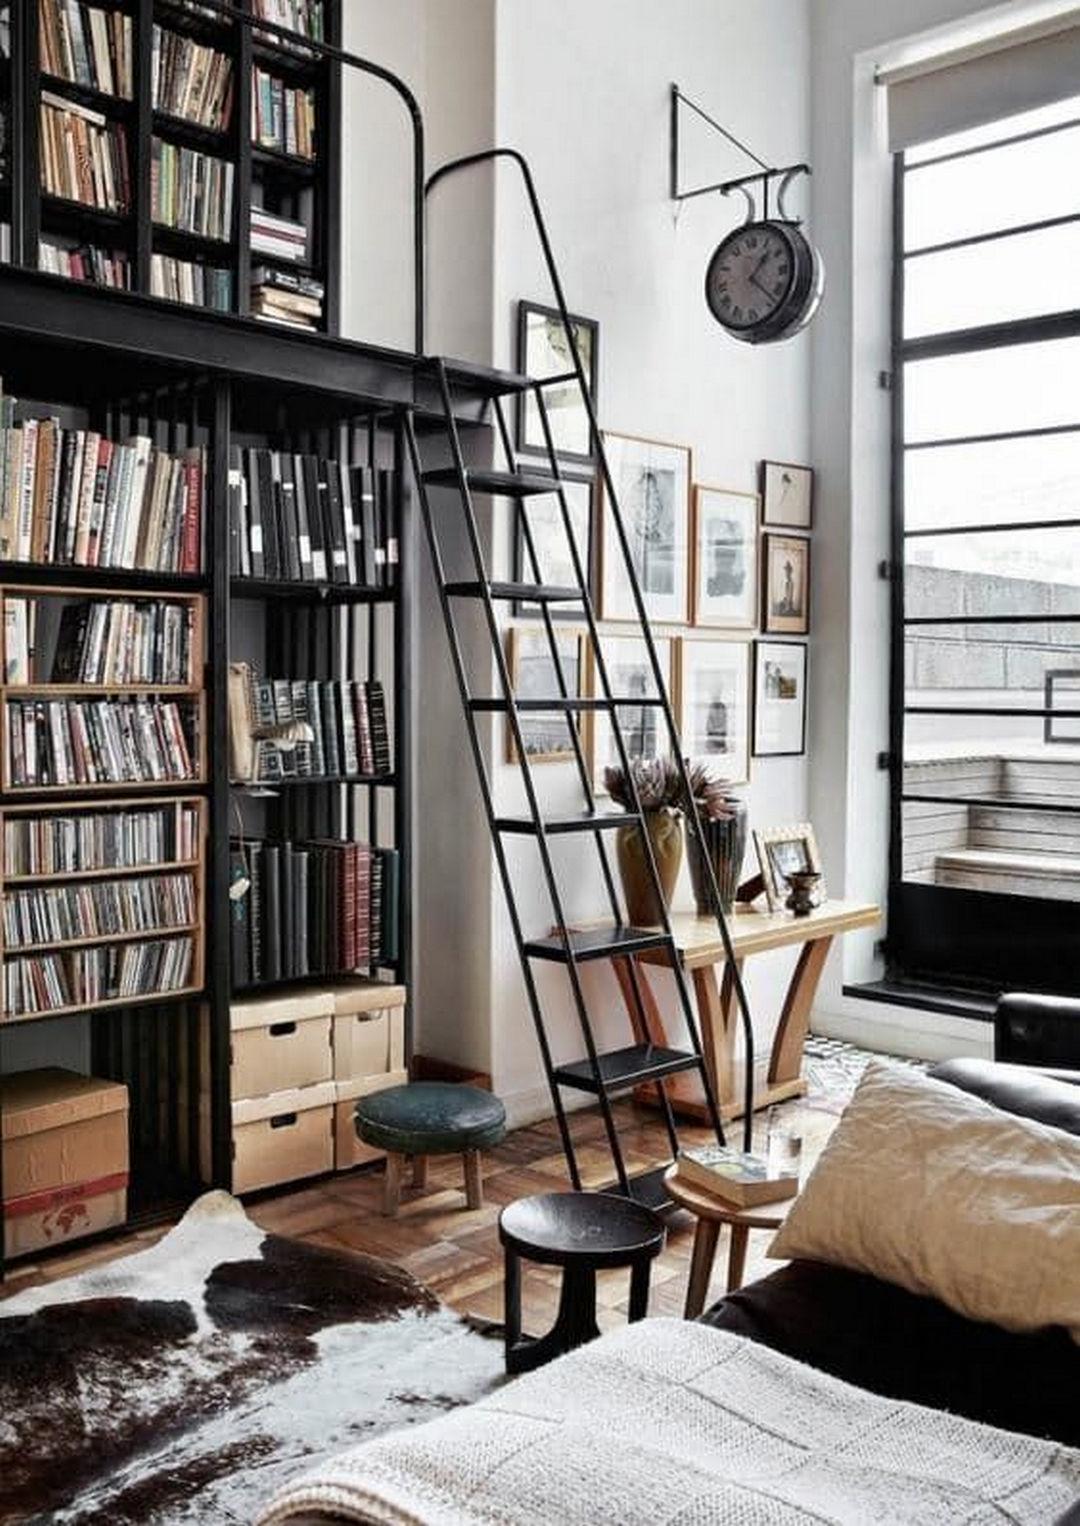 Cozy home library interior idea 44 cozy interiors and for Home library interior design